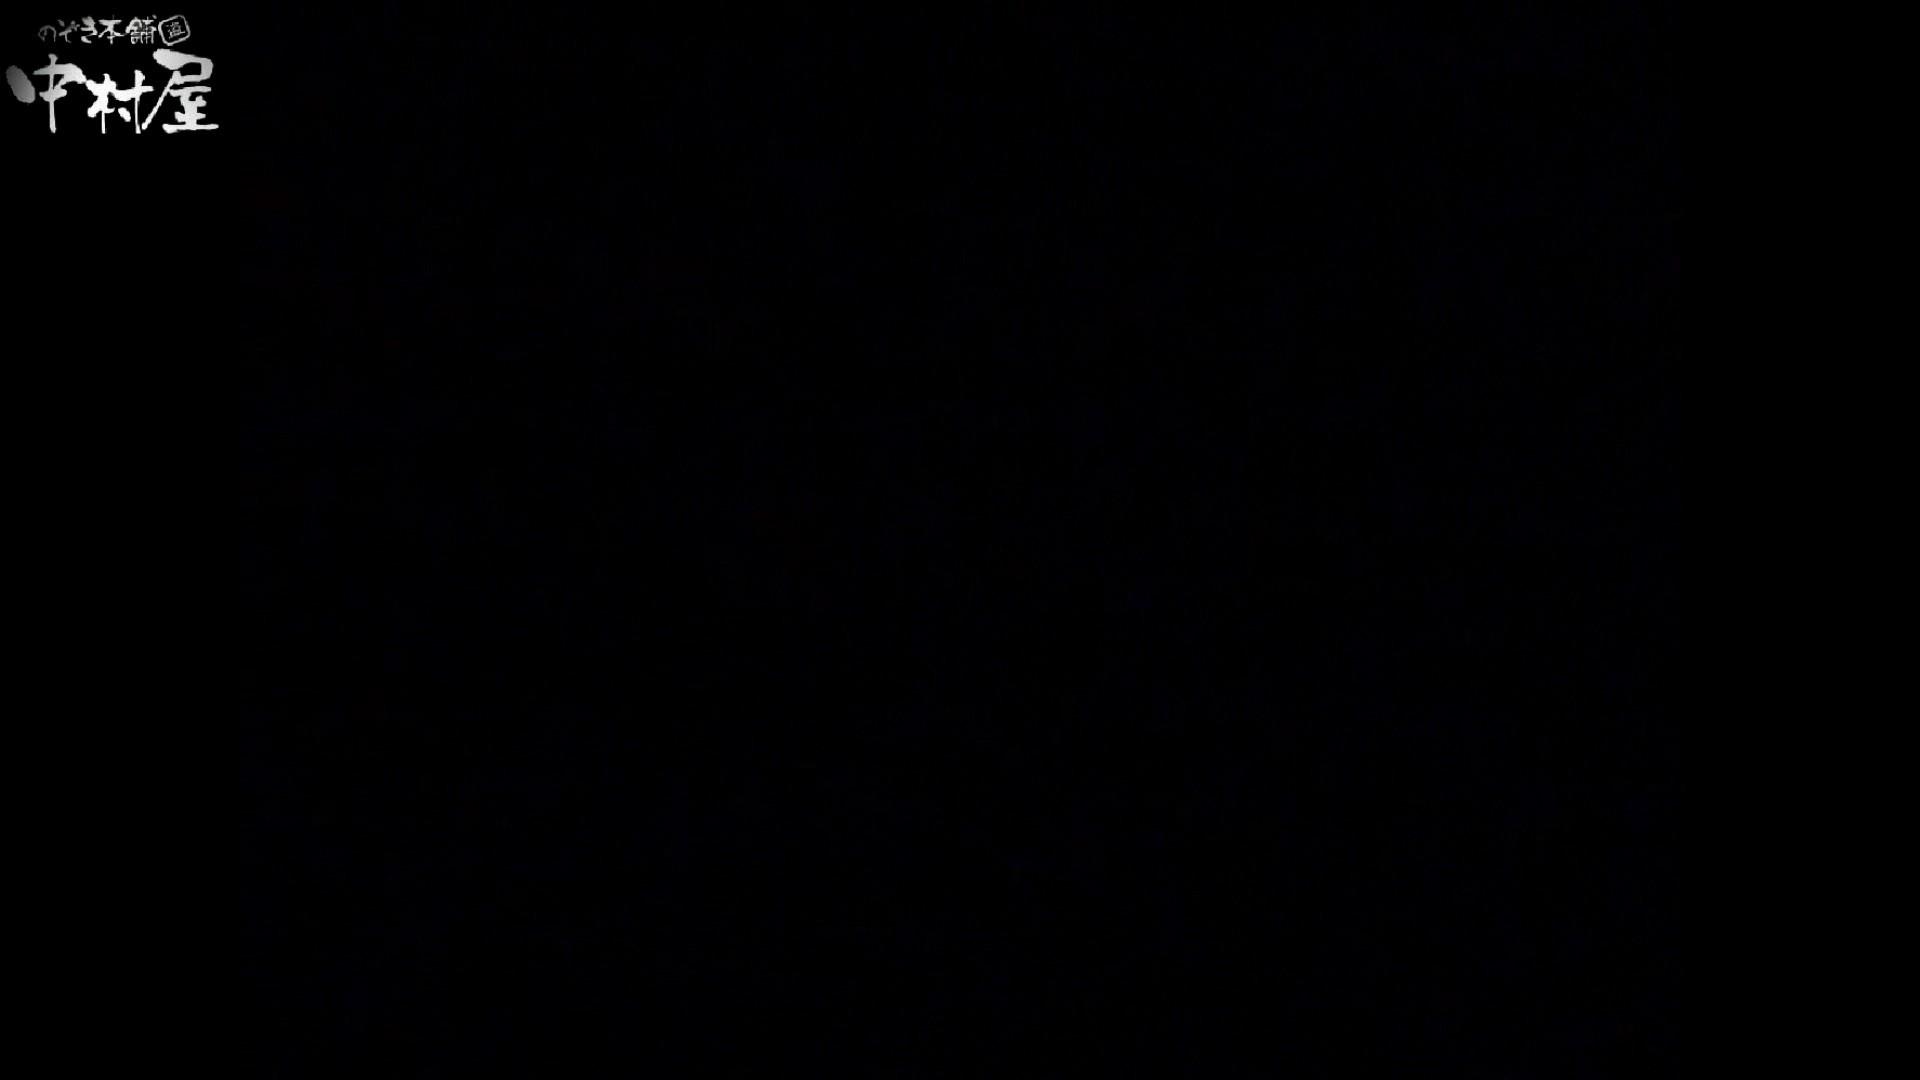 民家風呂専門盗撮師の超危険映像 vol.012 OLセックス 盗撮おまんこ無修正動画無料 70画像 50